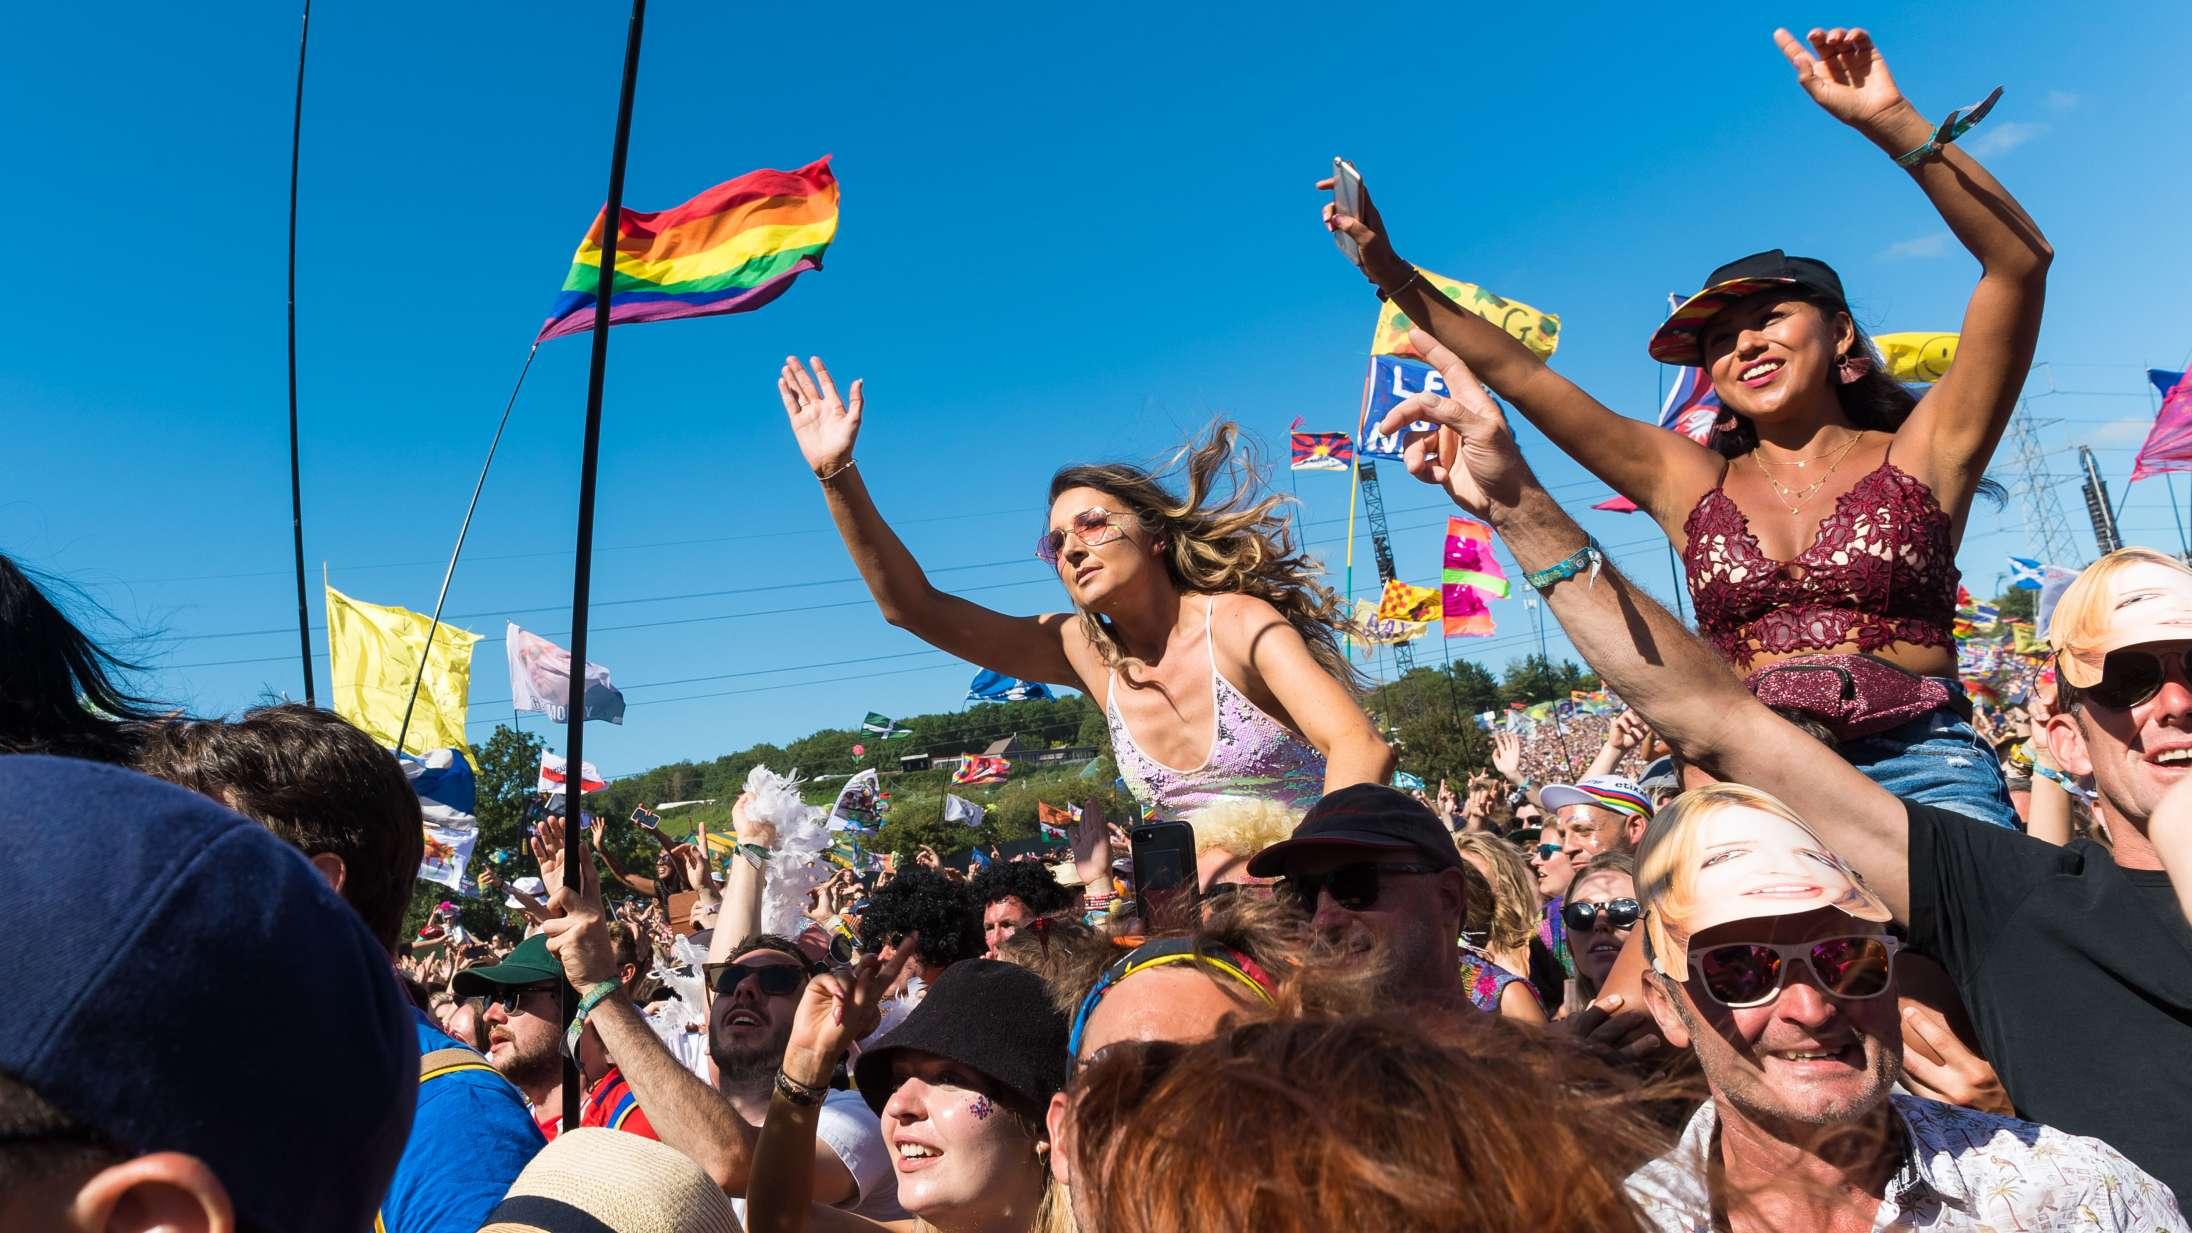 Stor engelsk festival sår tvivl om muligheden for at vende tilbage i 2021: »250.000 mennesker er for meget«